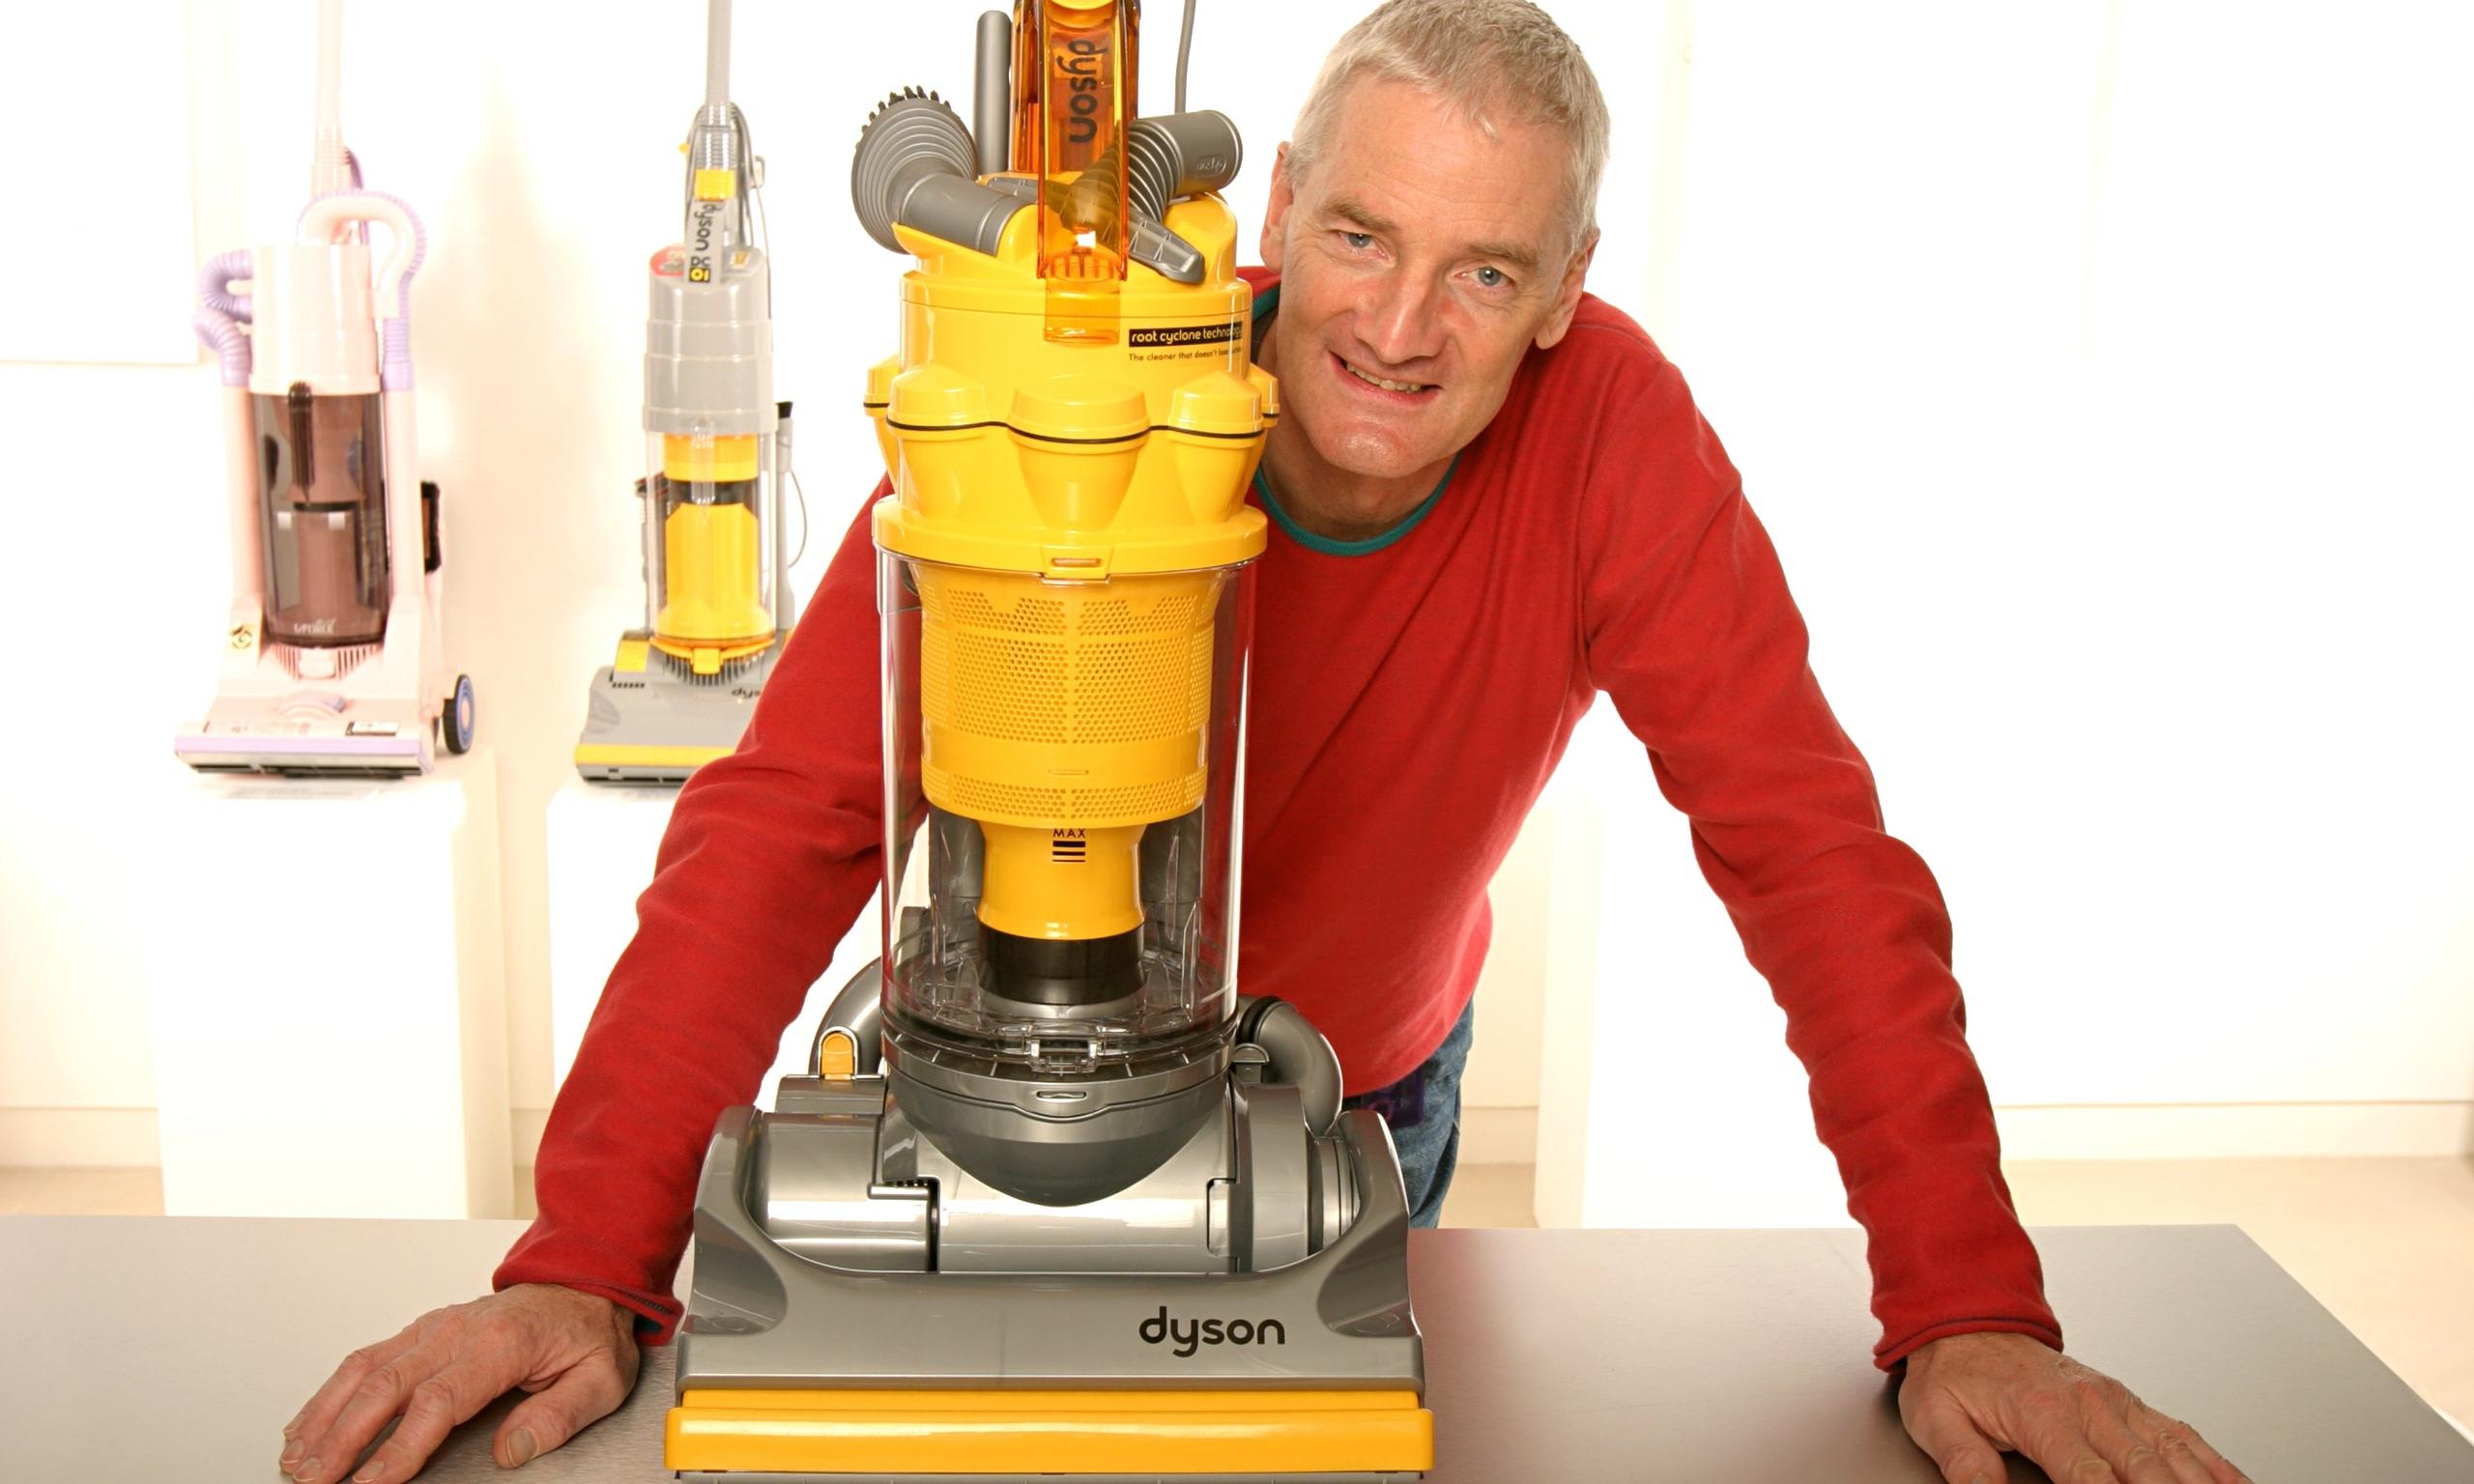 James dyson vacuums пылесосы дайсон сравнить цены